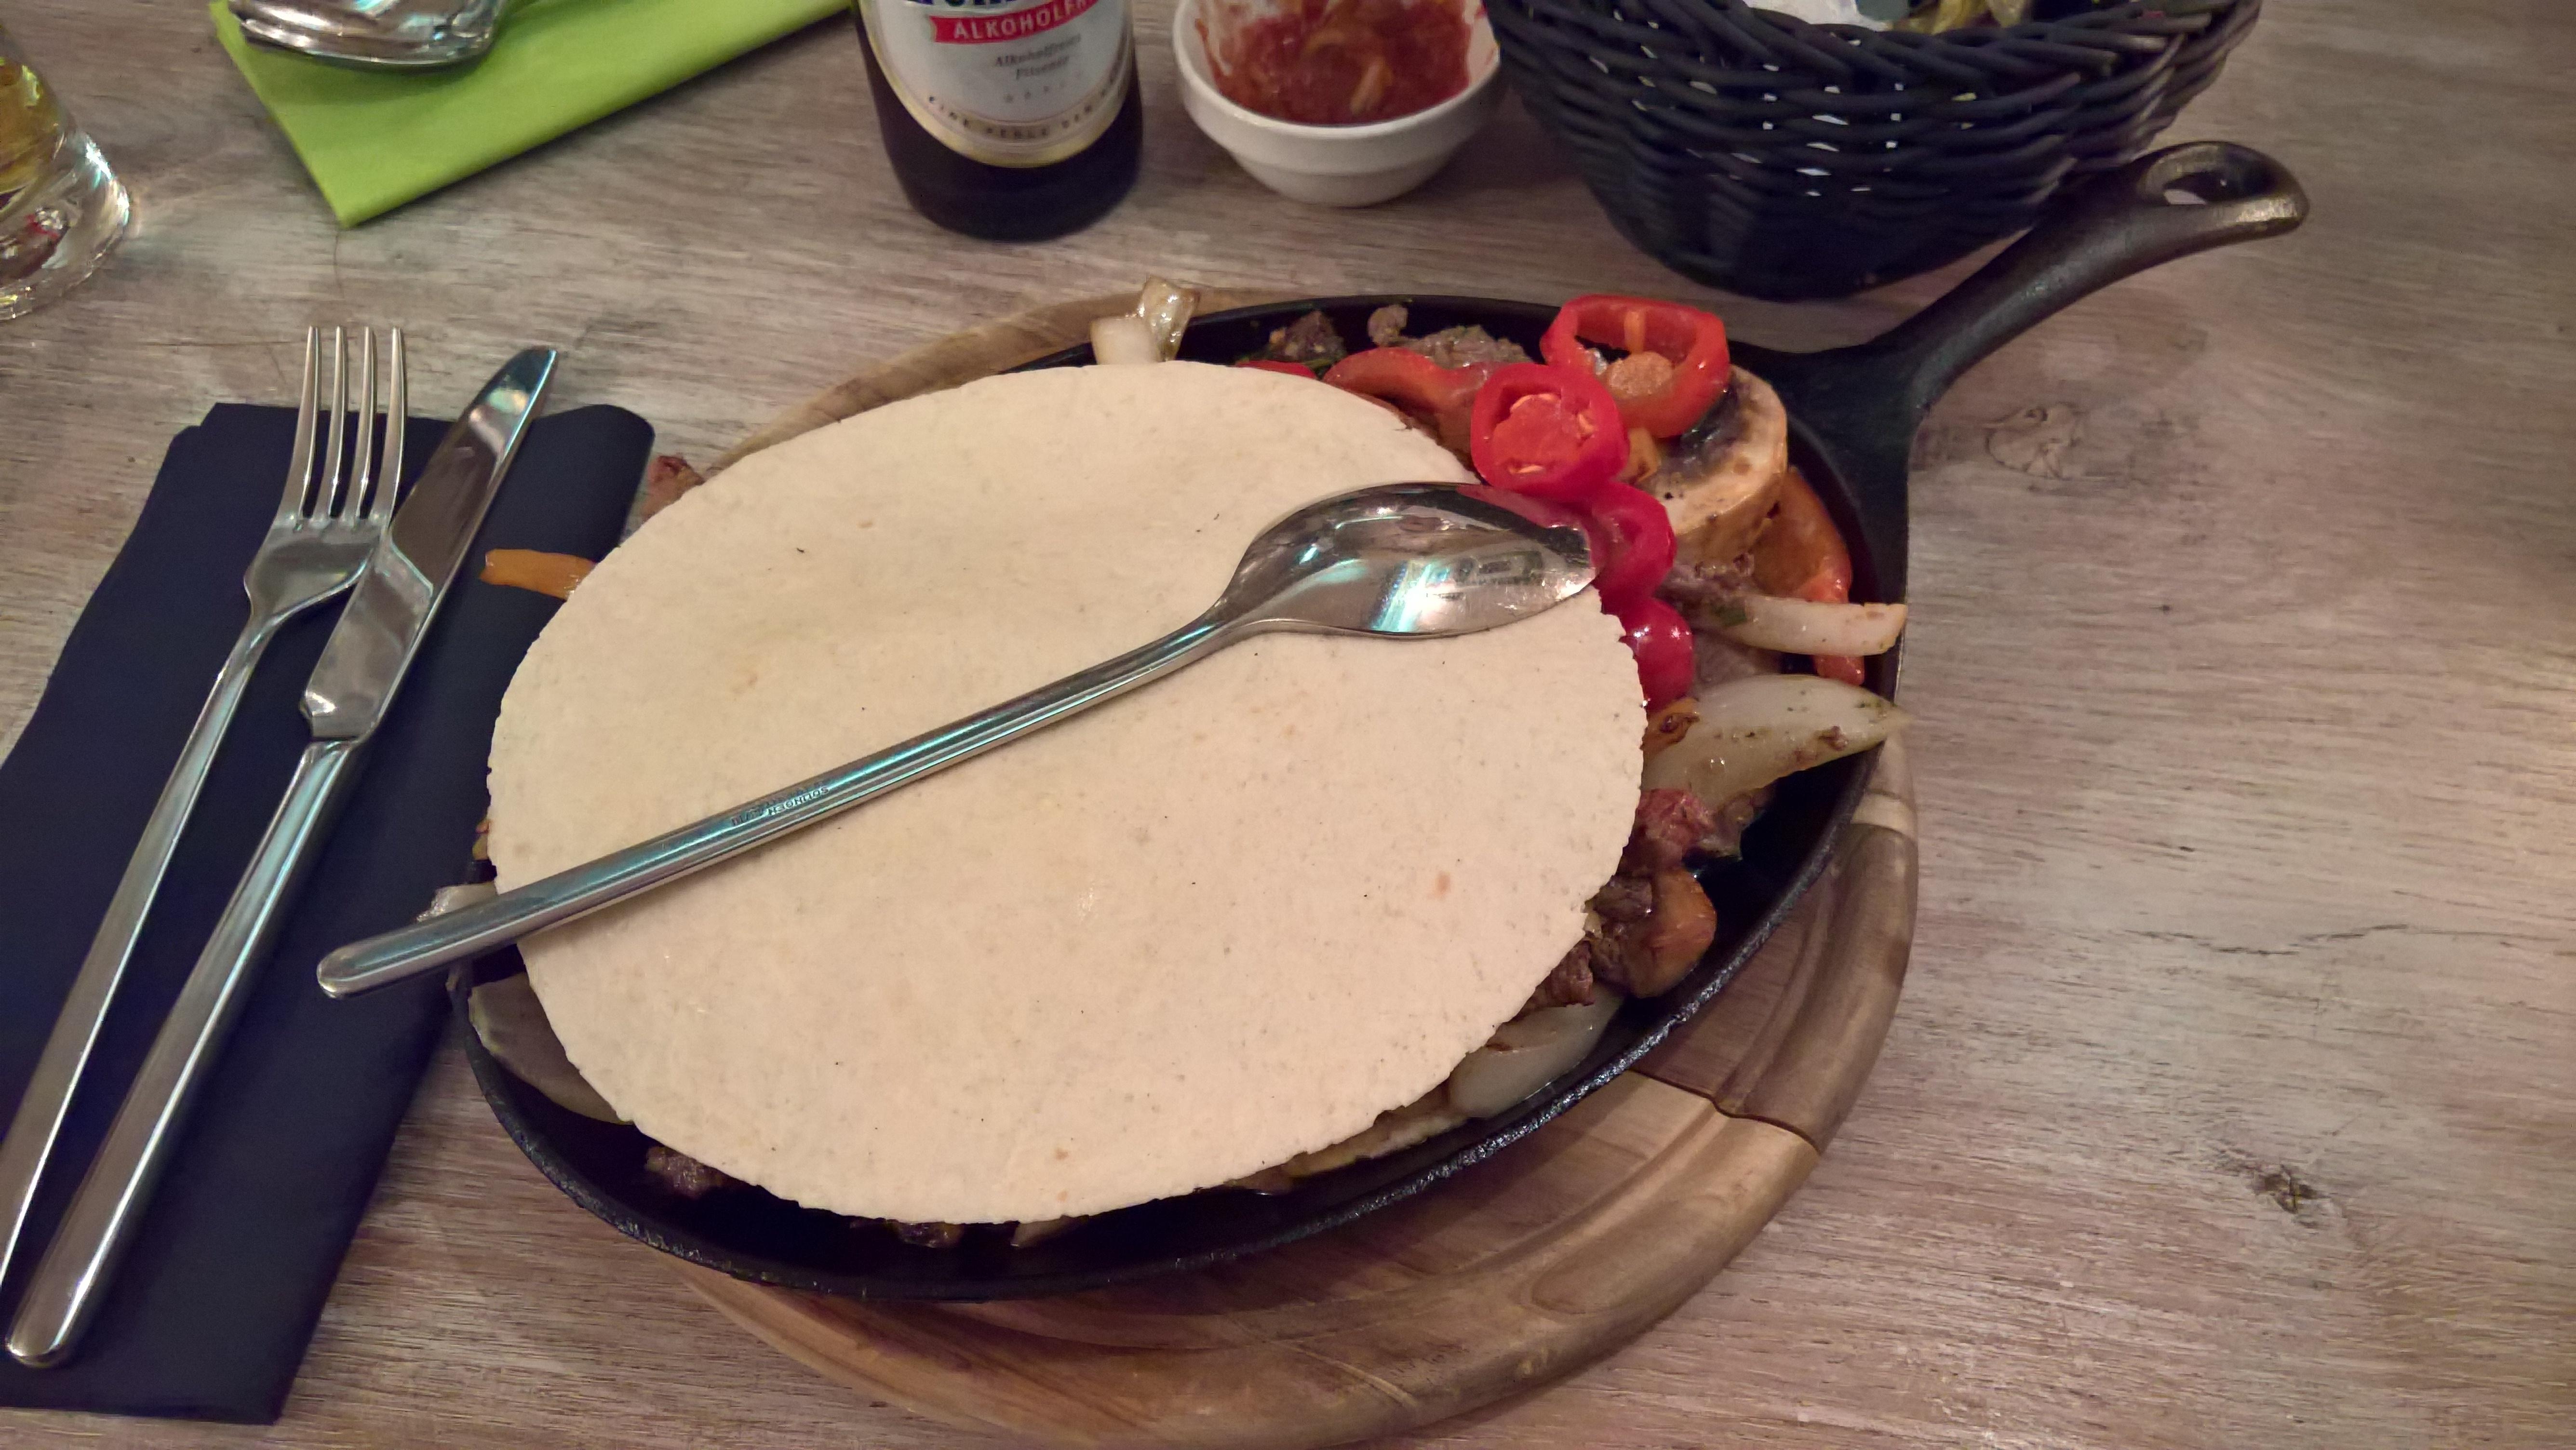 Fajitas Carne für 18,90 €. Geliefert werden marinierte Nebraska Steakstreifen mit Champignons, Paprika, Zwiebeln, Tomaten, Chilis, sowie frische Kräuter und Knoblauch.